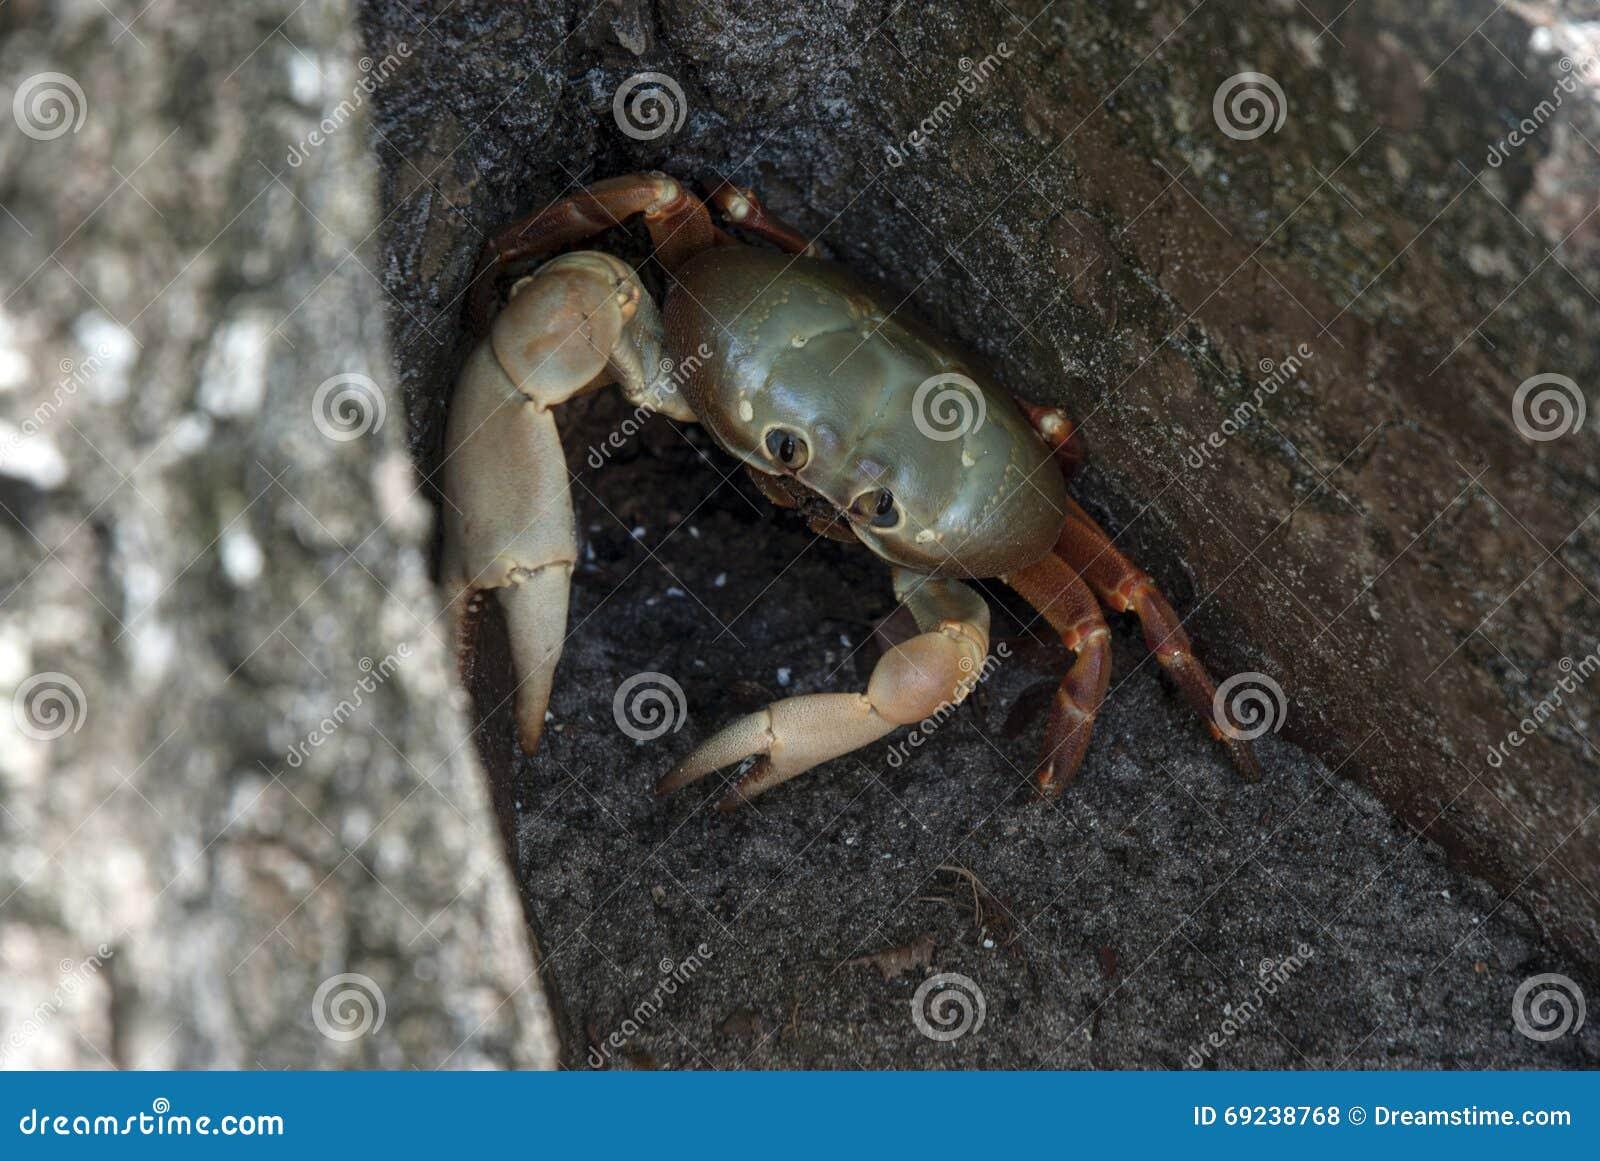 Krabbe auf Land